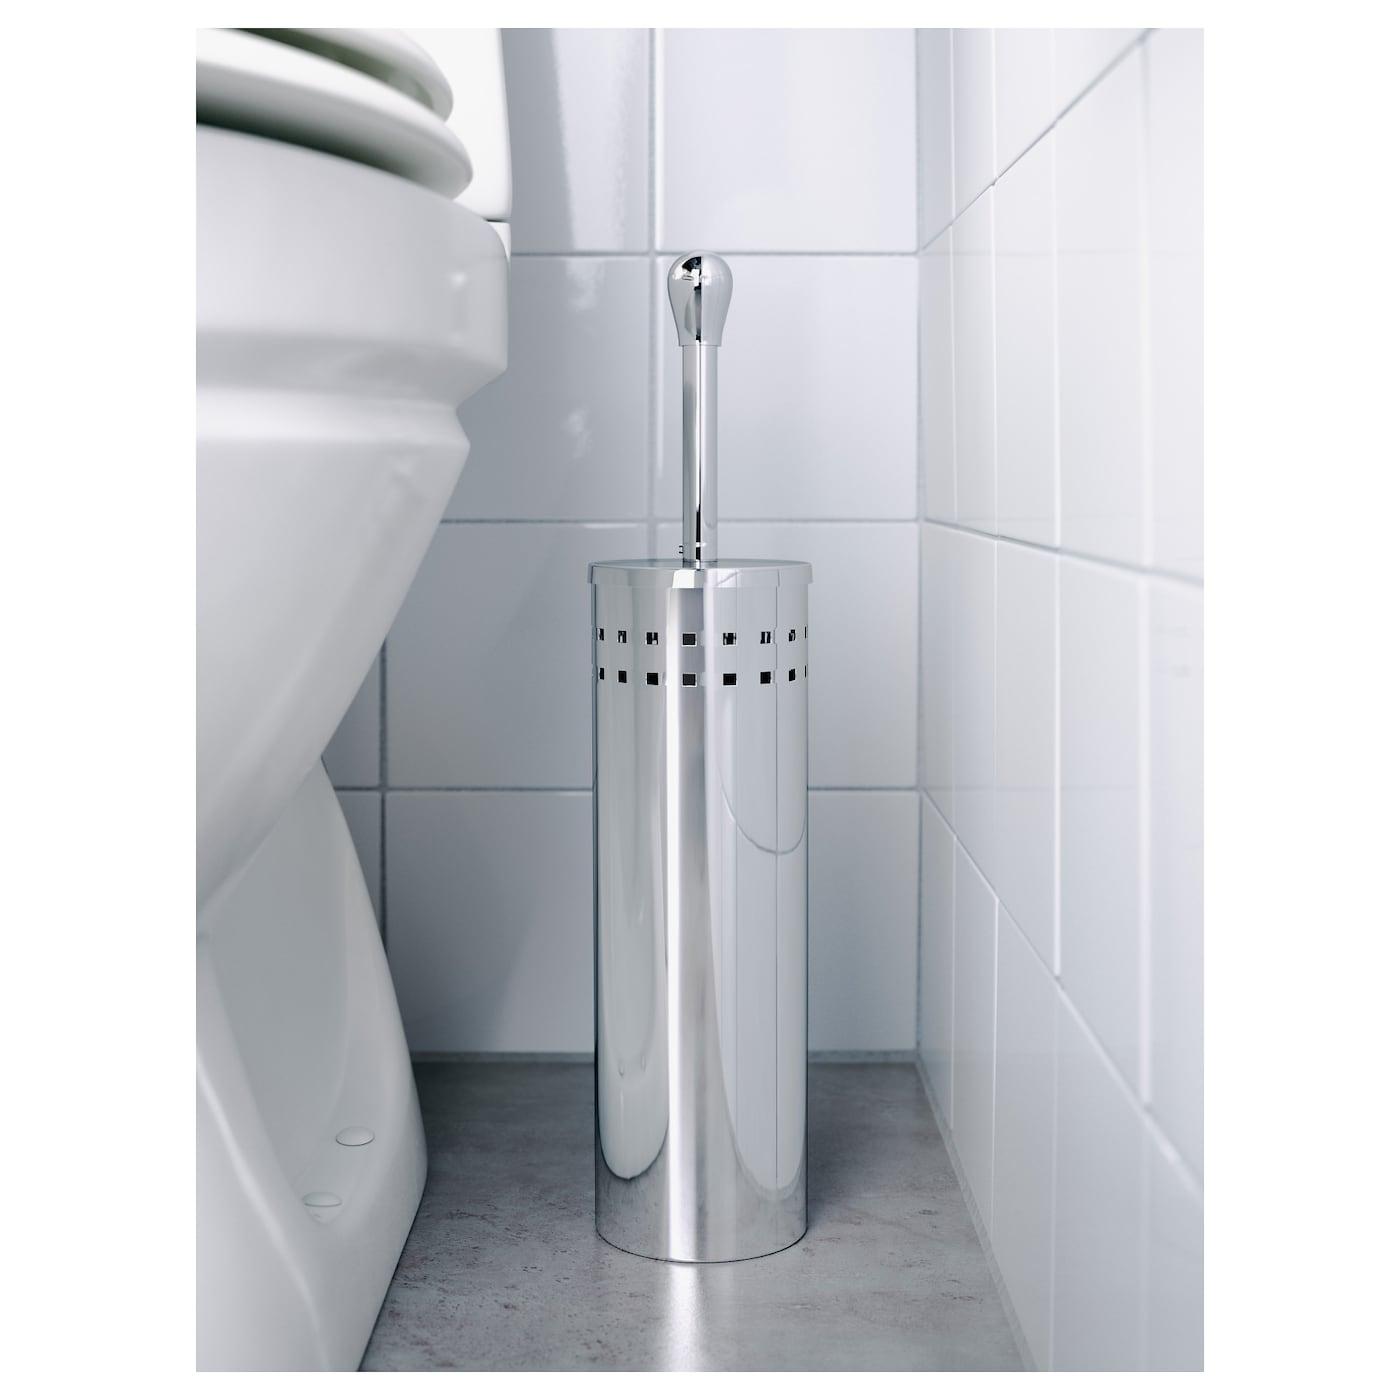 IKEA Baren brosse de toilette dans support en inox hauteur 43 cm diamètre 10 cm